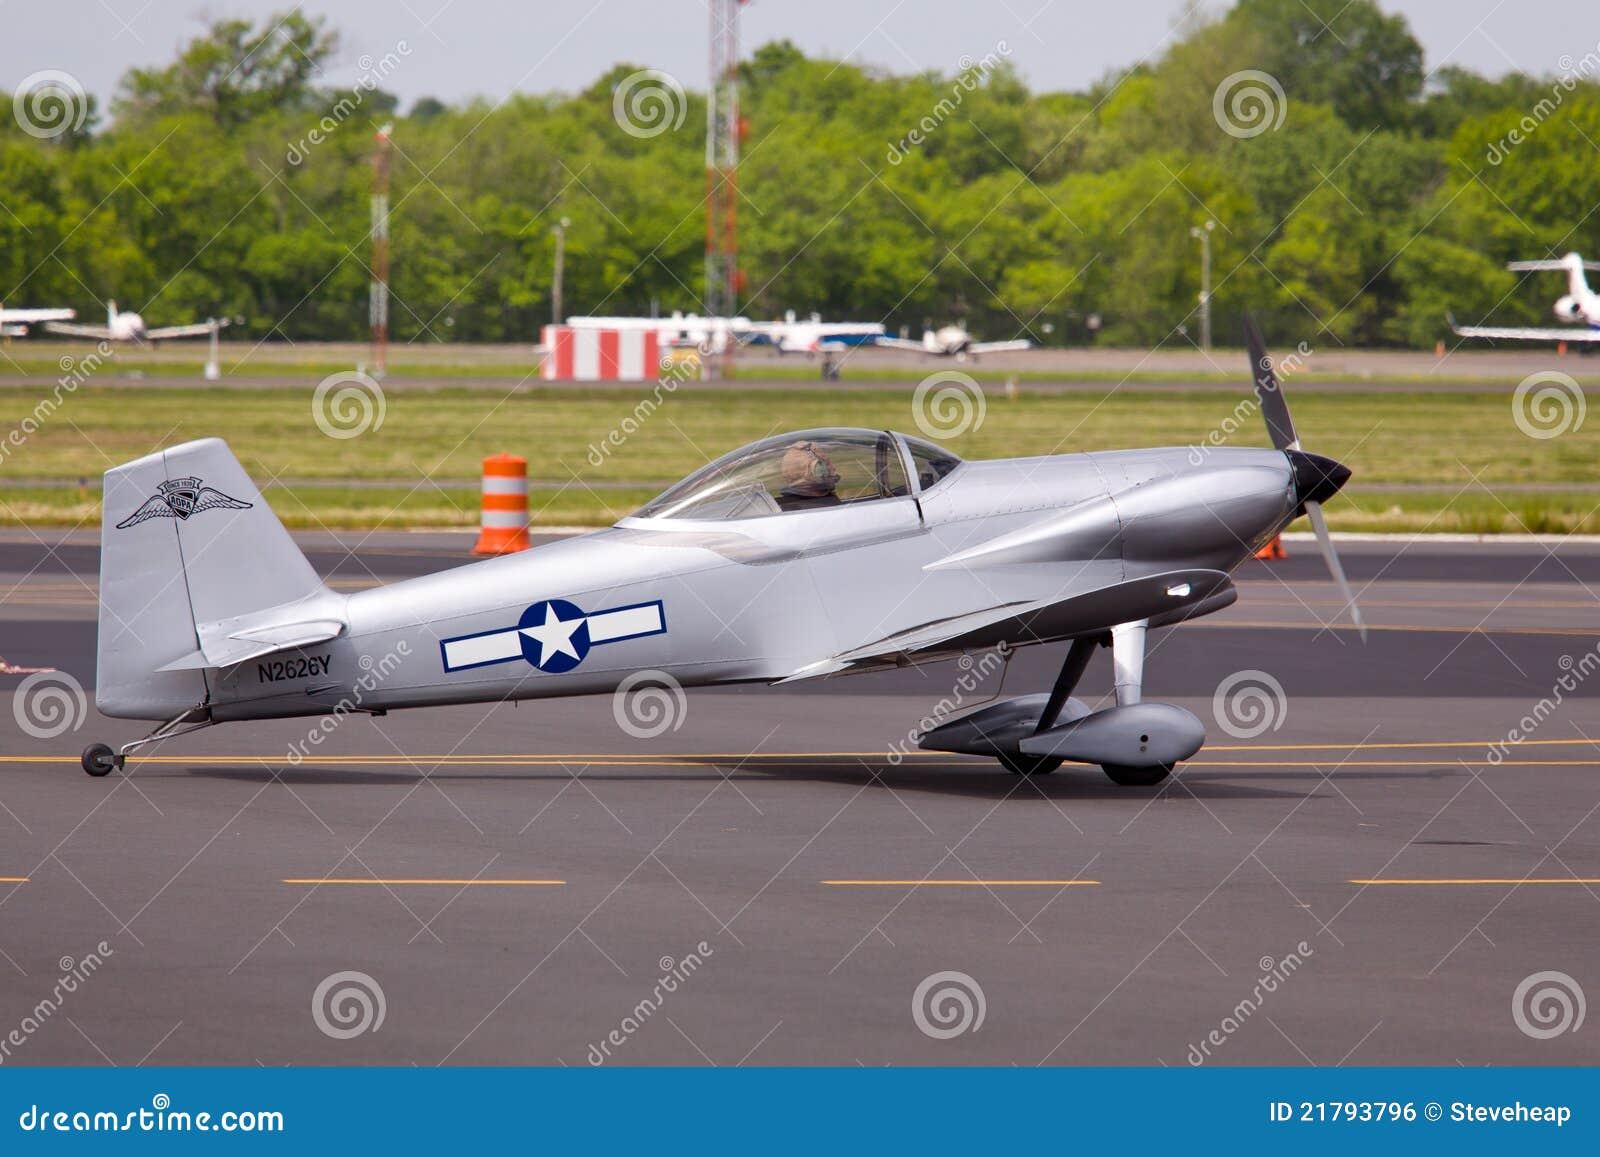 6 samolotu pas startowy teksańczyk